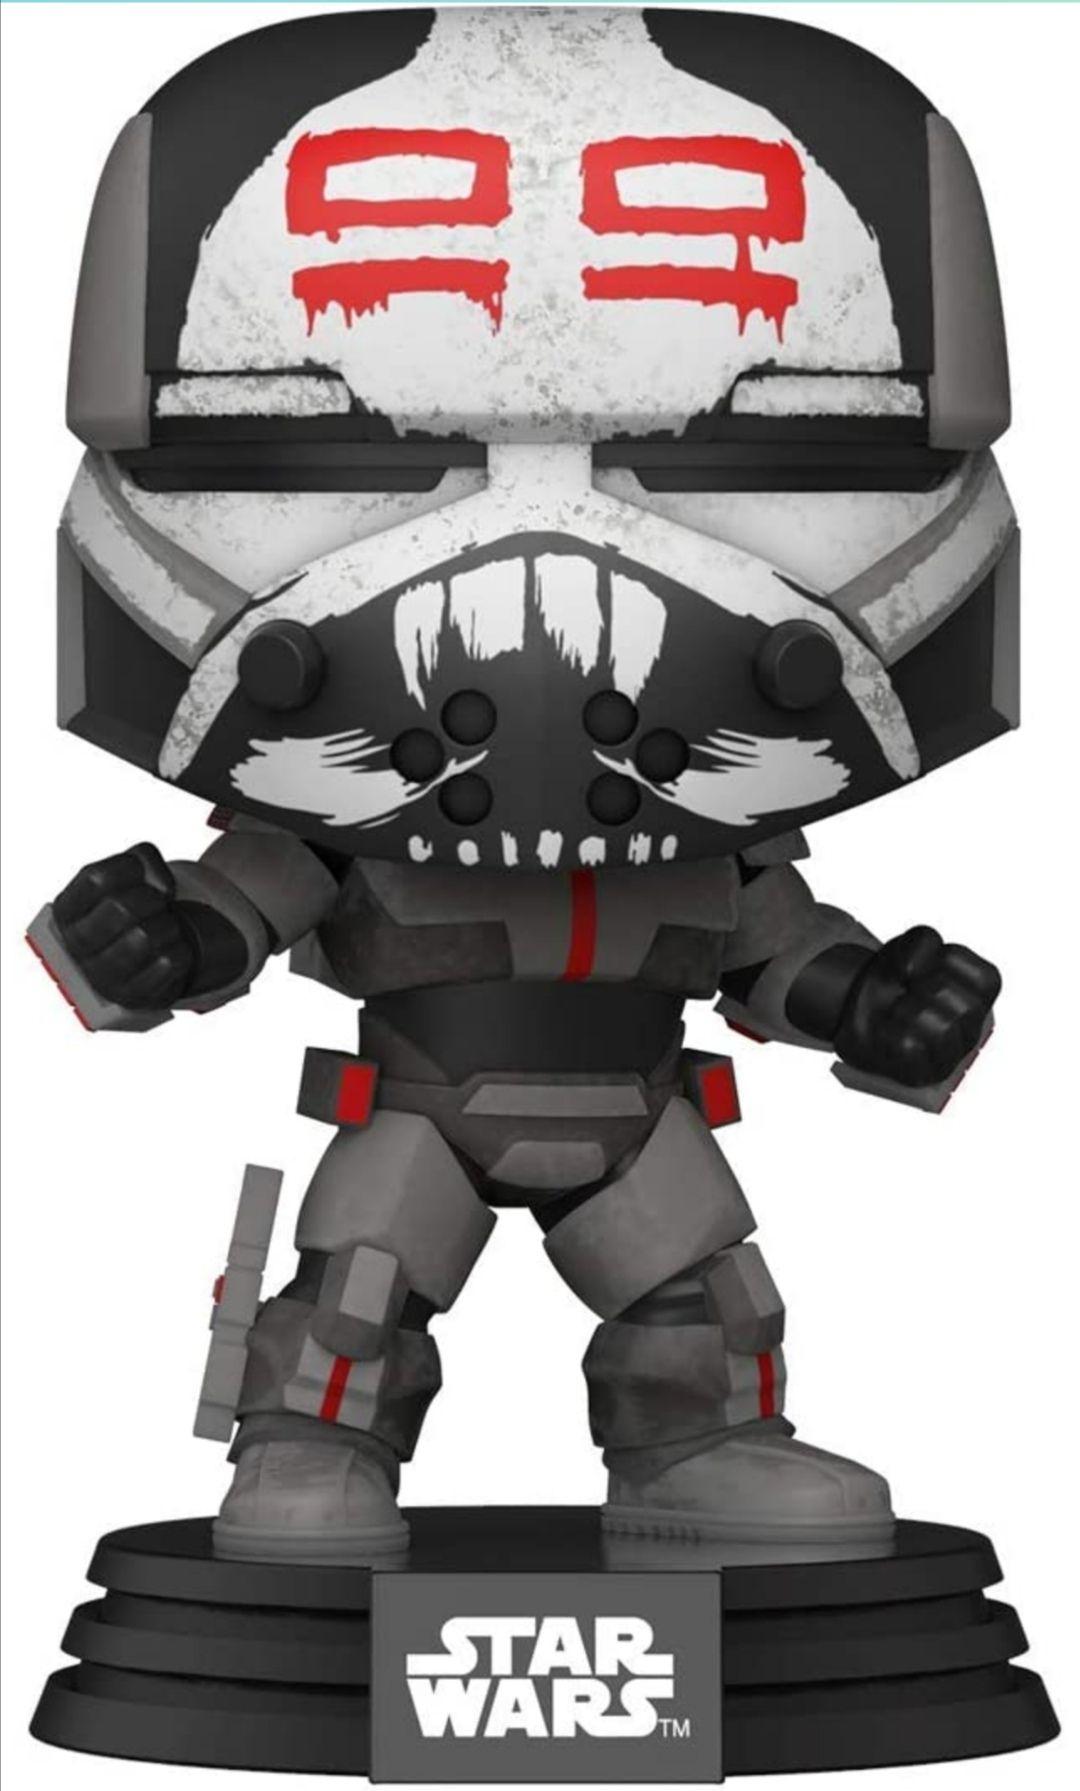 STAR WARS / Clone Wars / Bad Batch, WRECKER Funko Figur, kostenloser Versand mit Prime